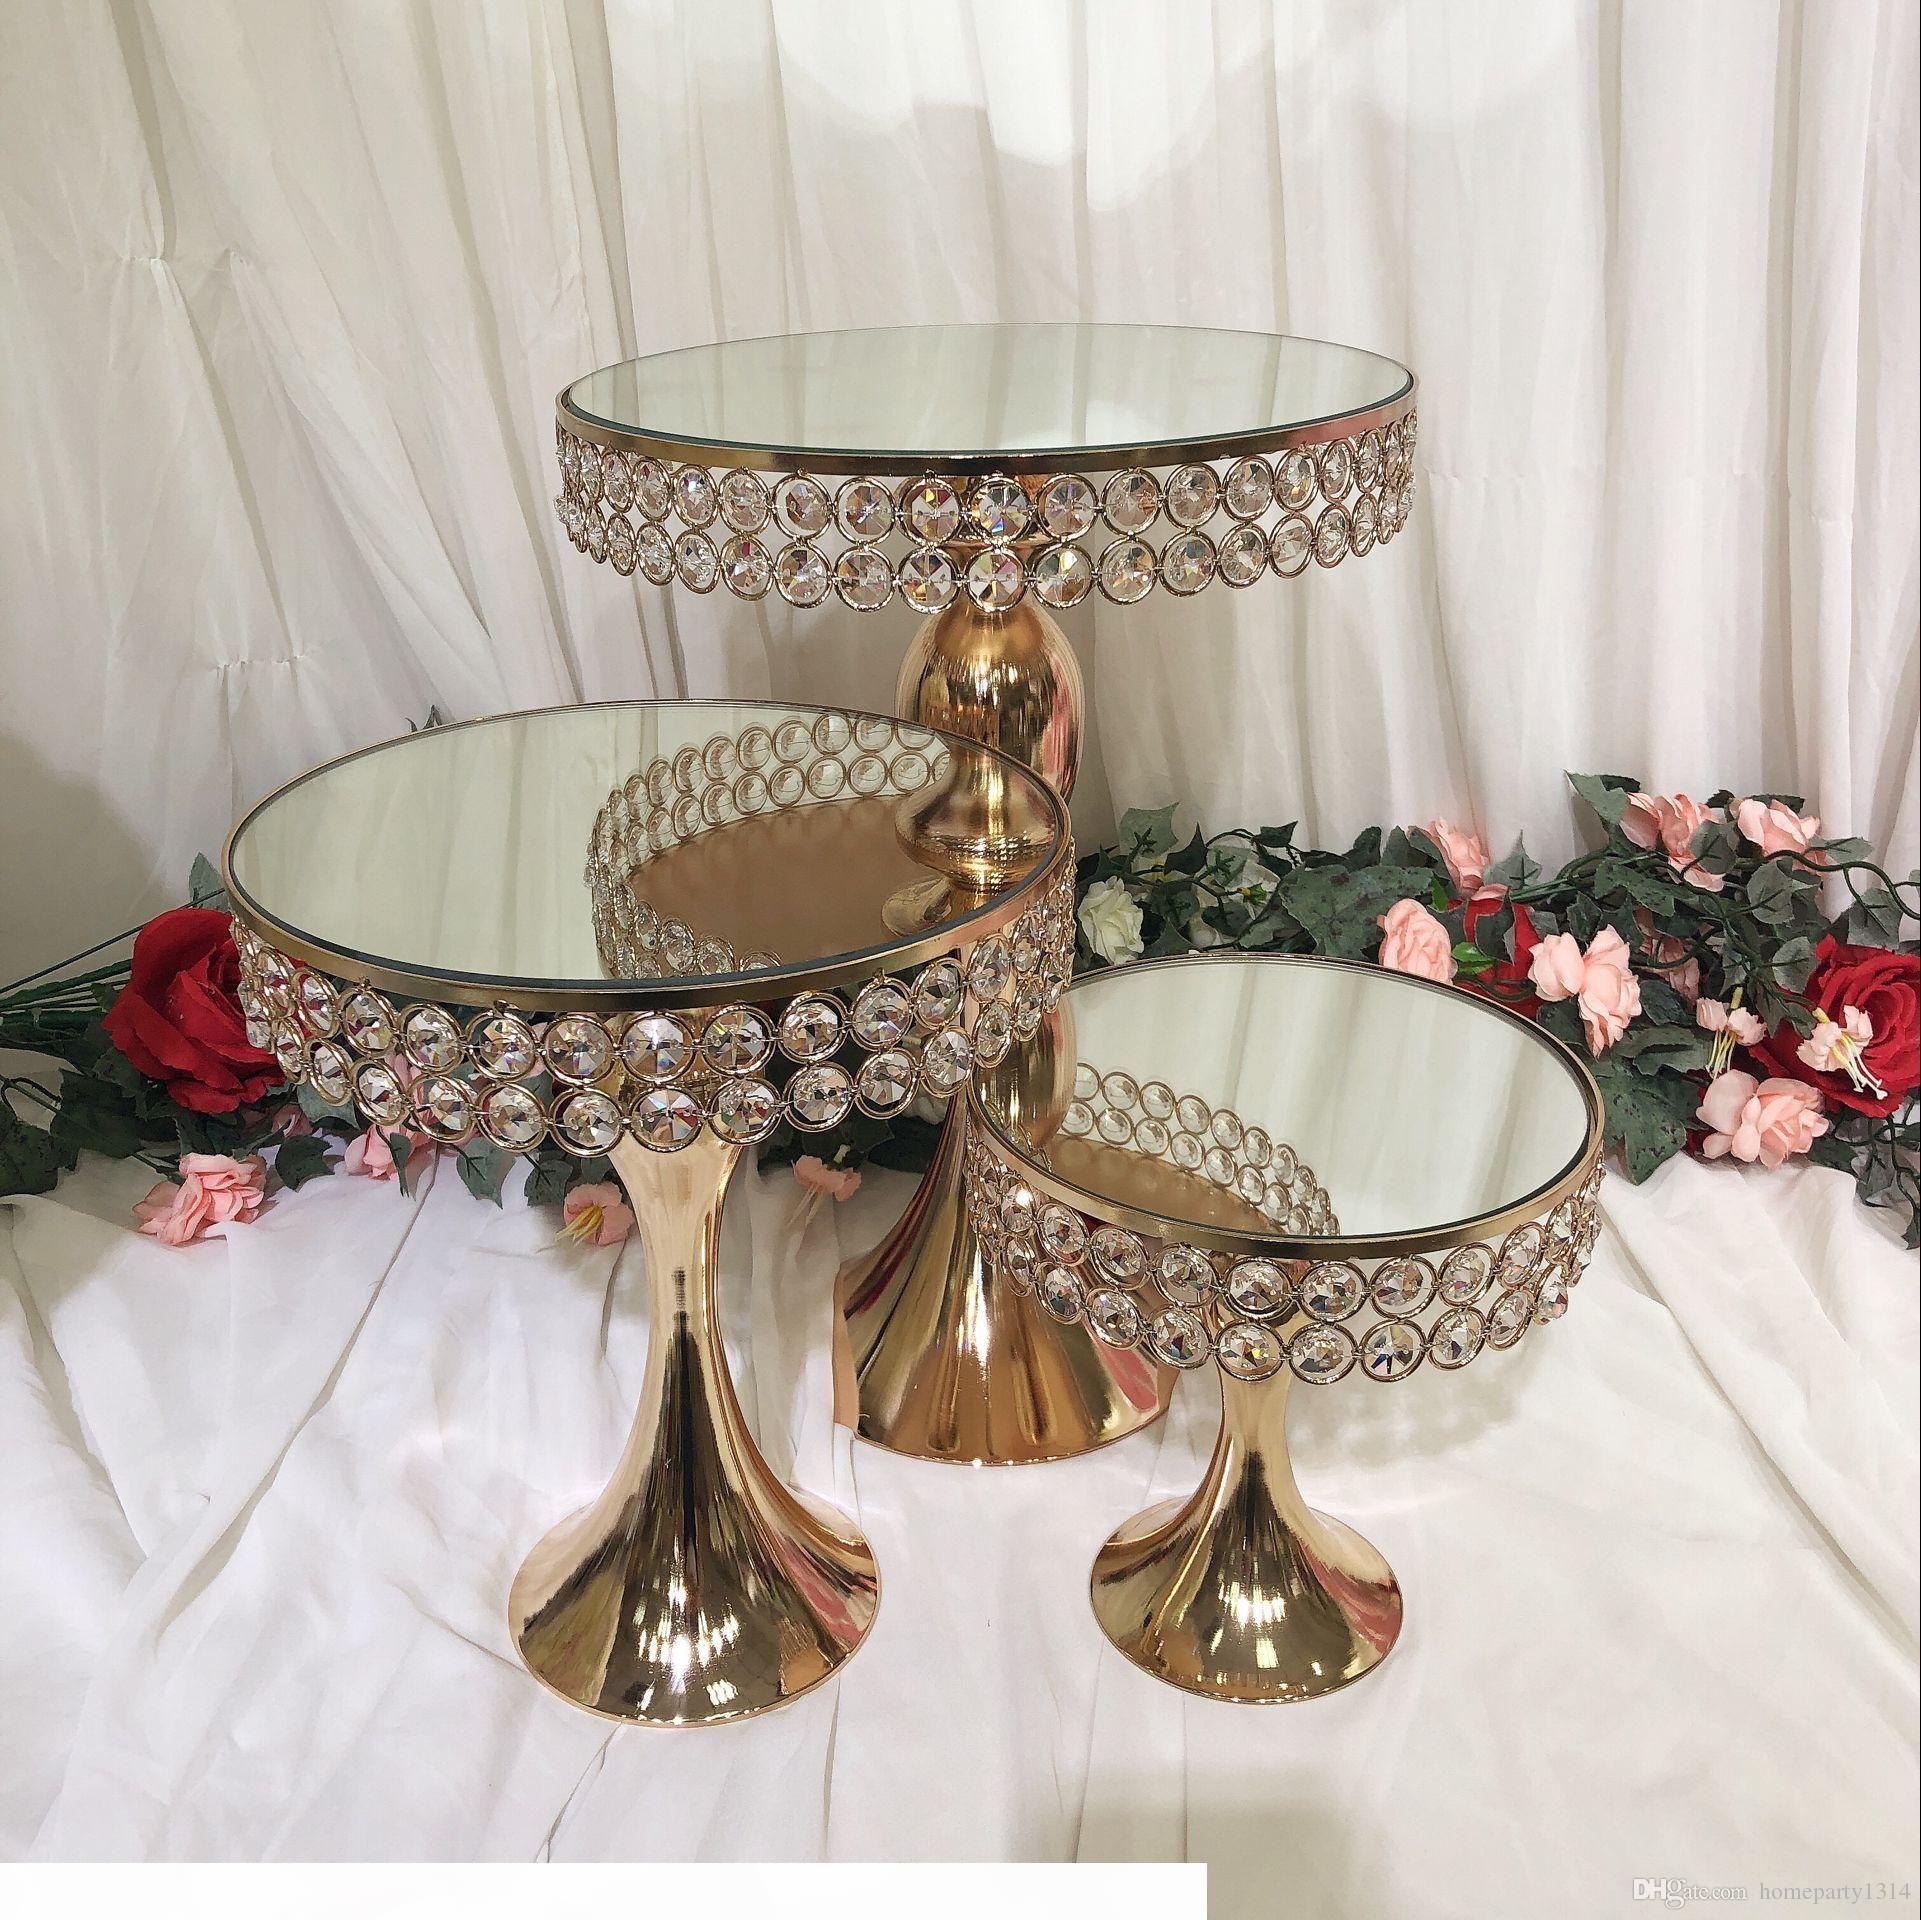 الفاخرة الكريستال الزفاف طويل القامة مرآة كعكة المركزية عرض حامل حامل فندان المعكرون كب كيك الجدول candybar الجدول كعكة تزيين